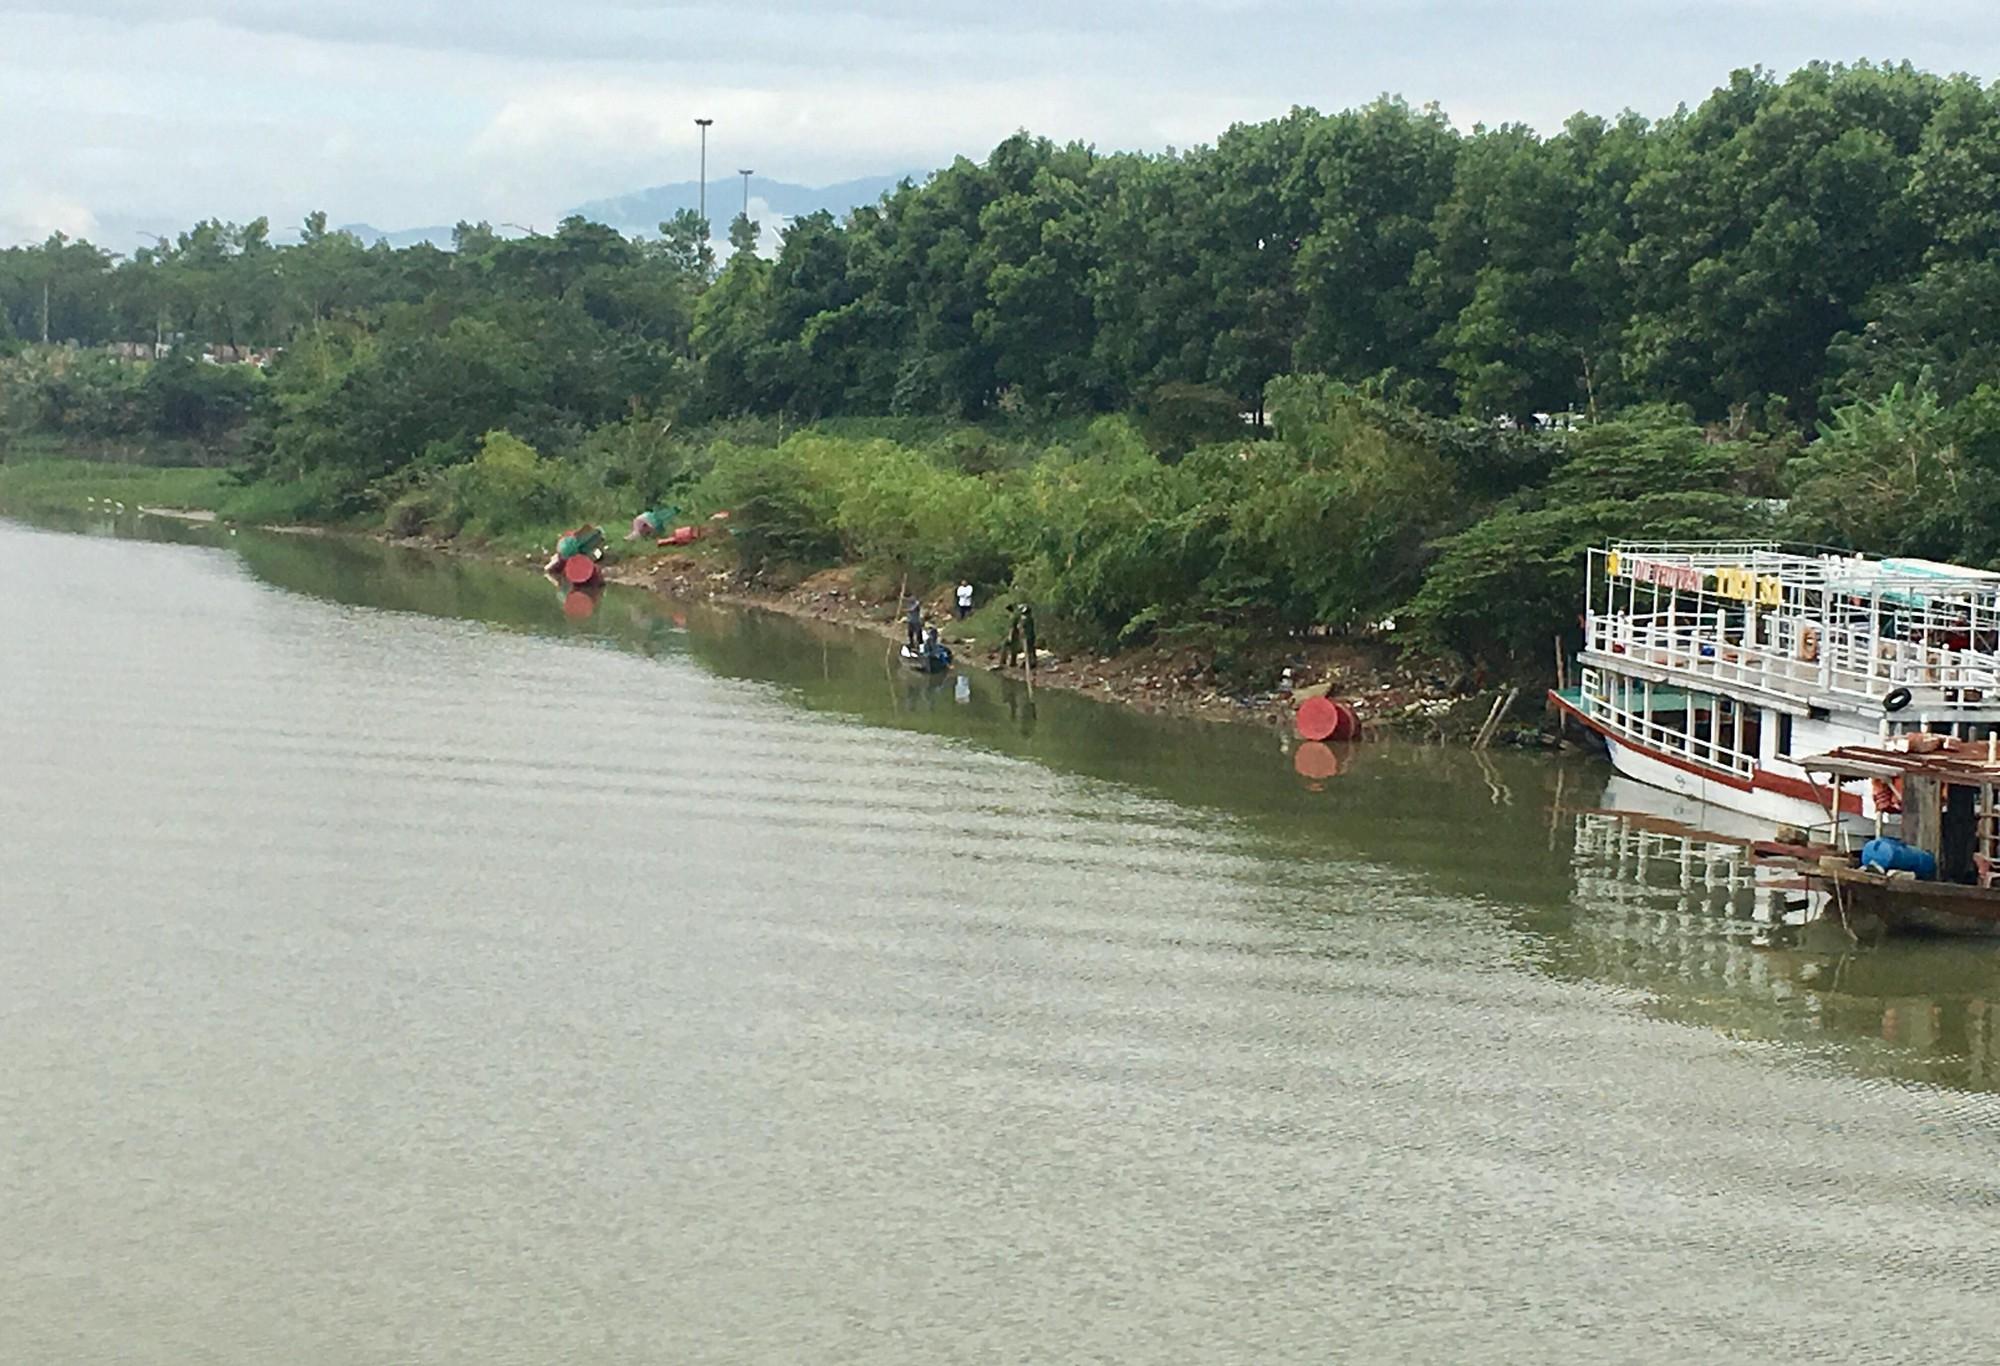 Đà Nẵng: Nữ giáo viên về hưu bất ngờ nhảy xuống sông Cẩm Lệ tự tử 2